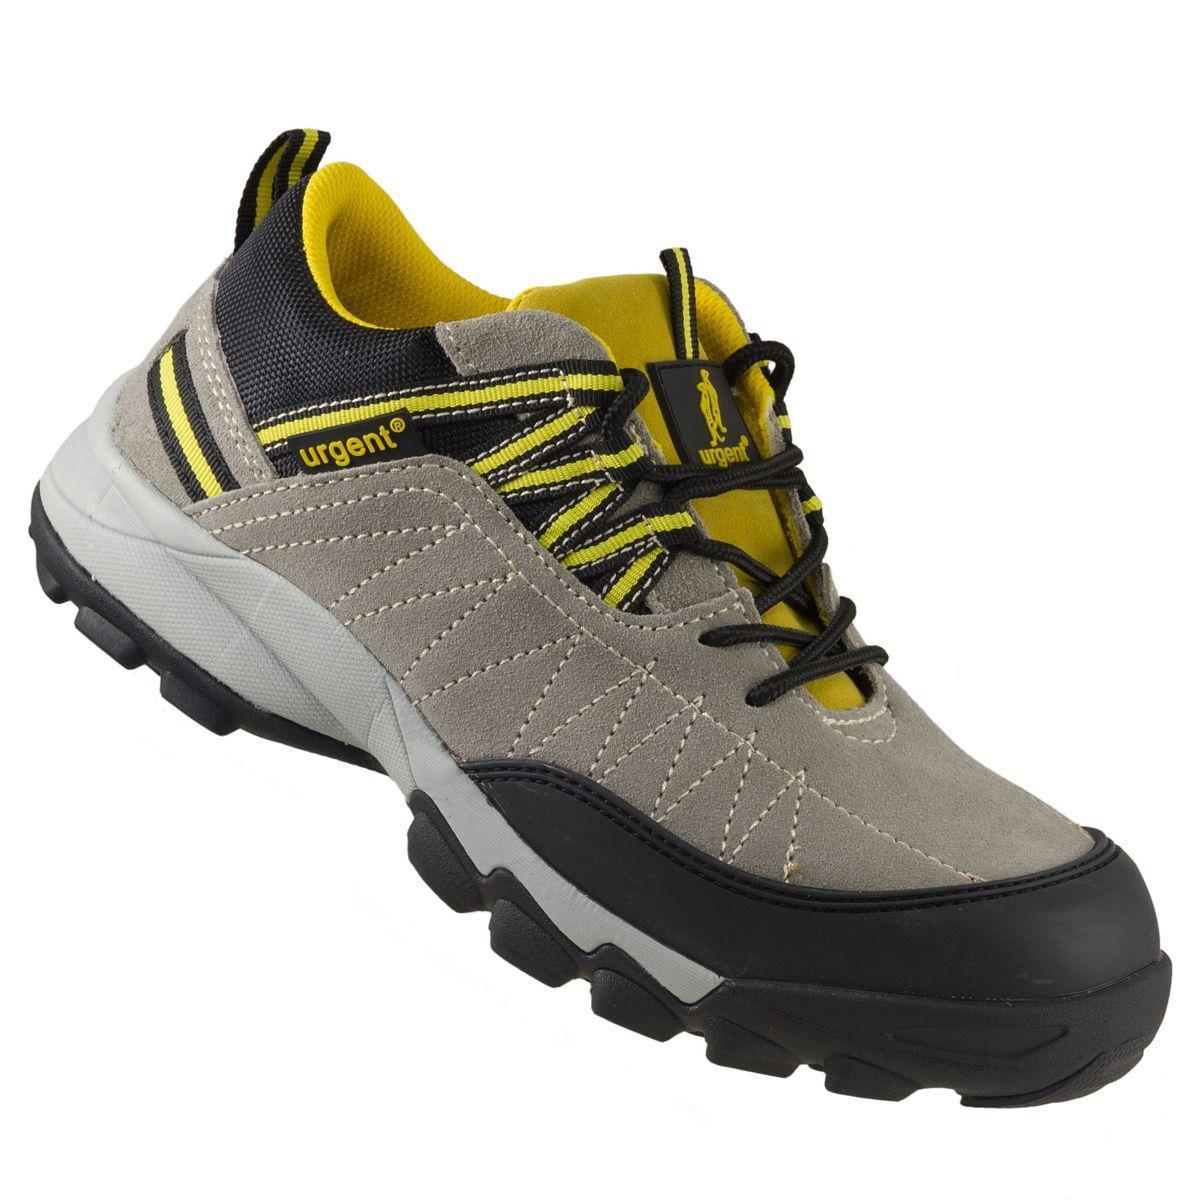 Кроссовки 234 S1 защитые с металлическим носком, черно-бежевого цвета.  URGENT (POLAND)  40